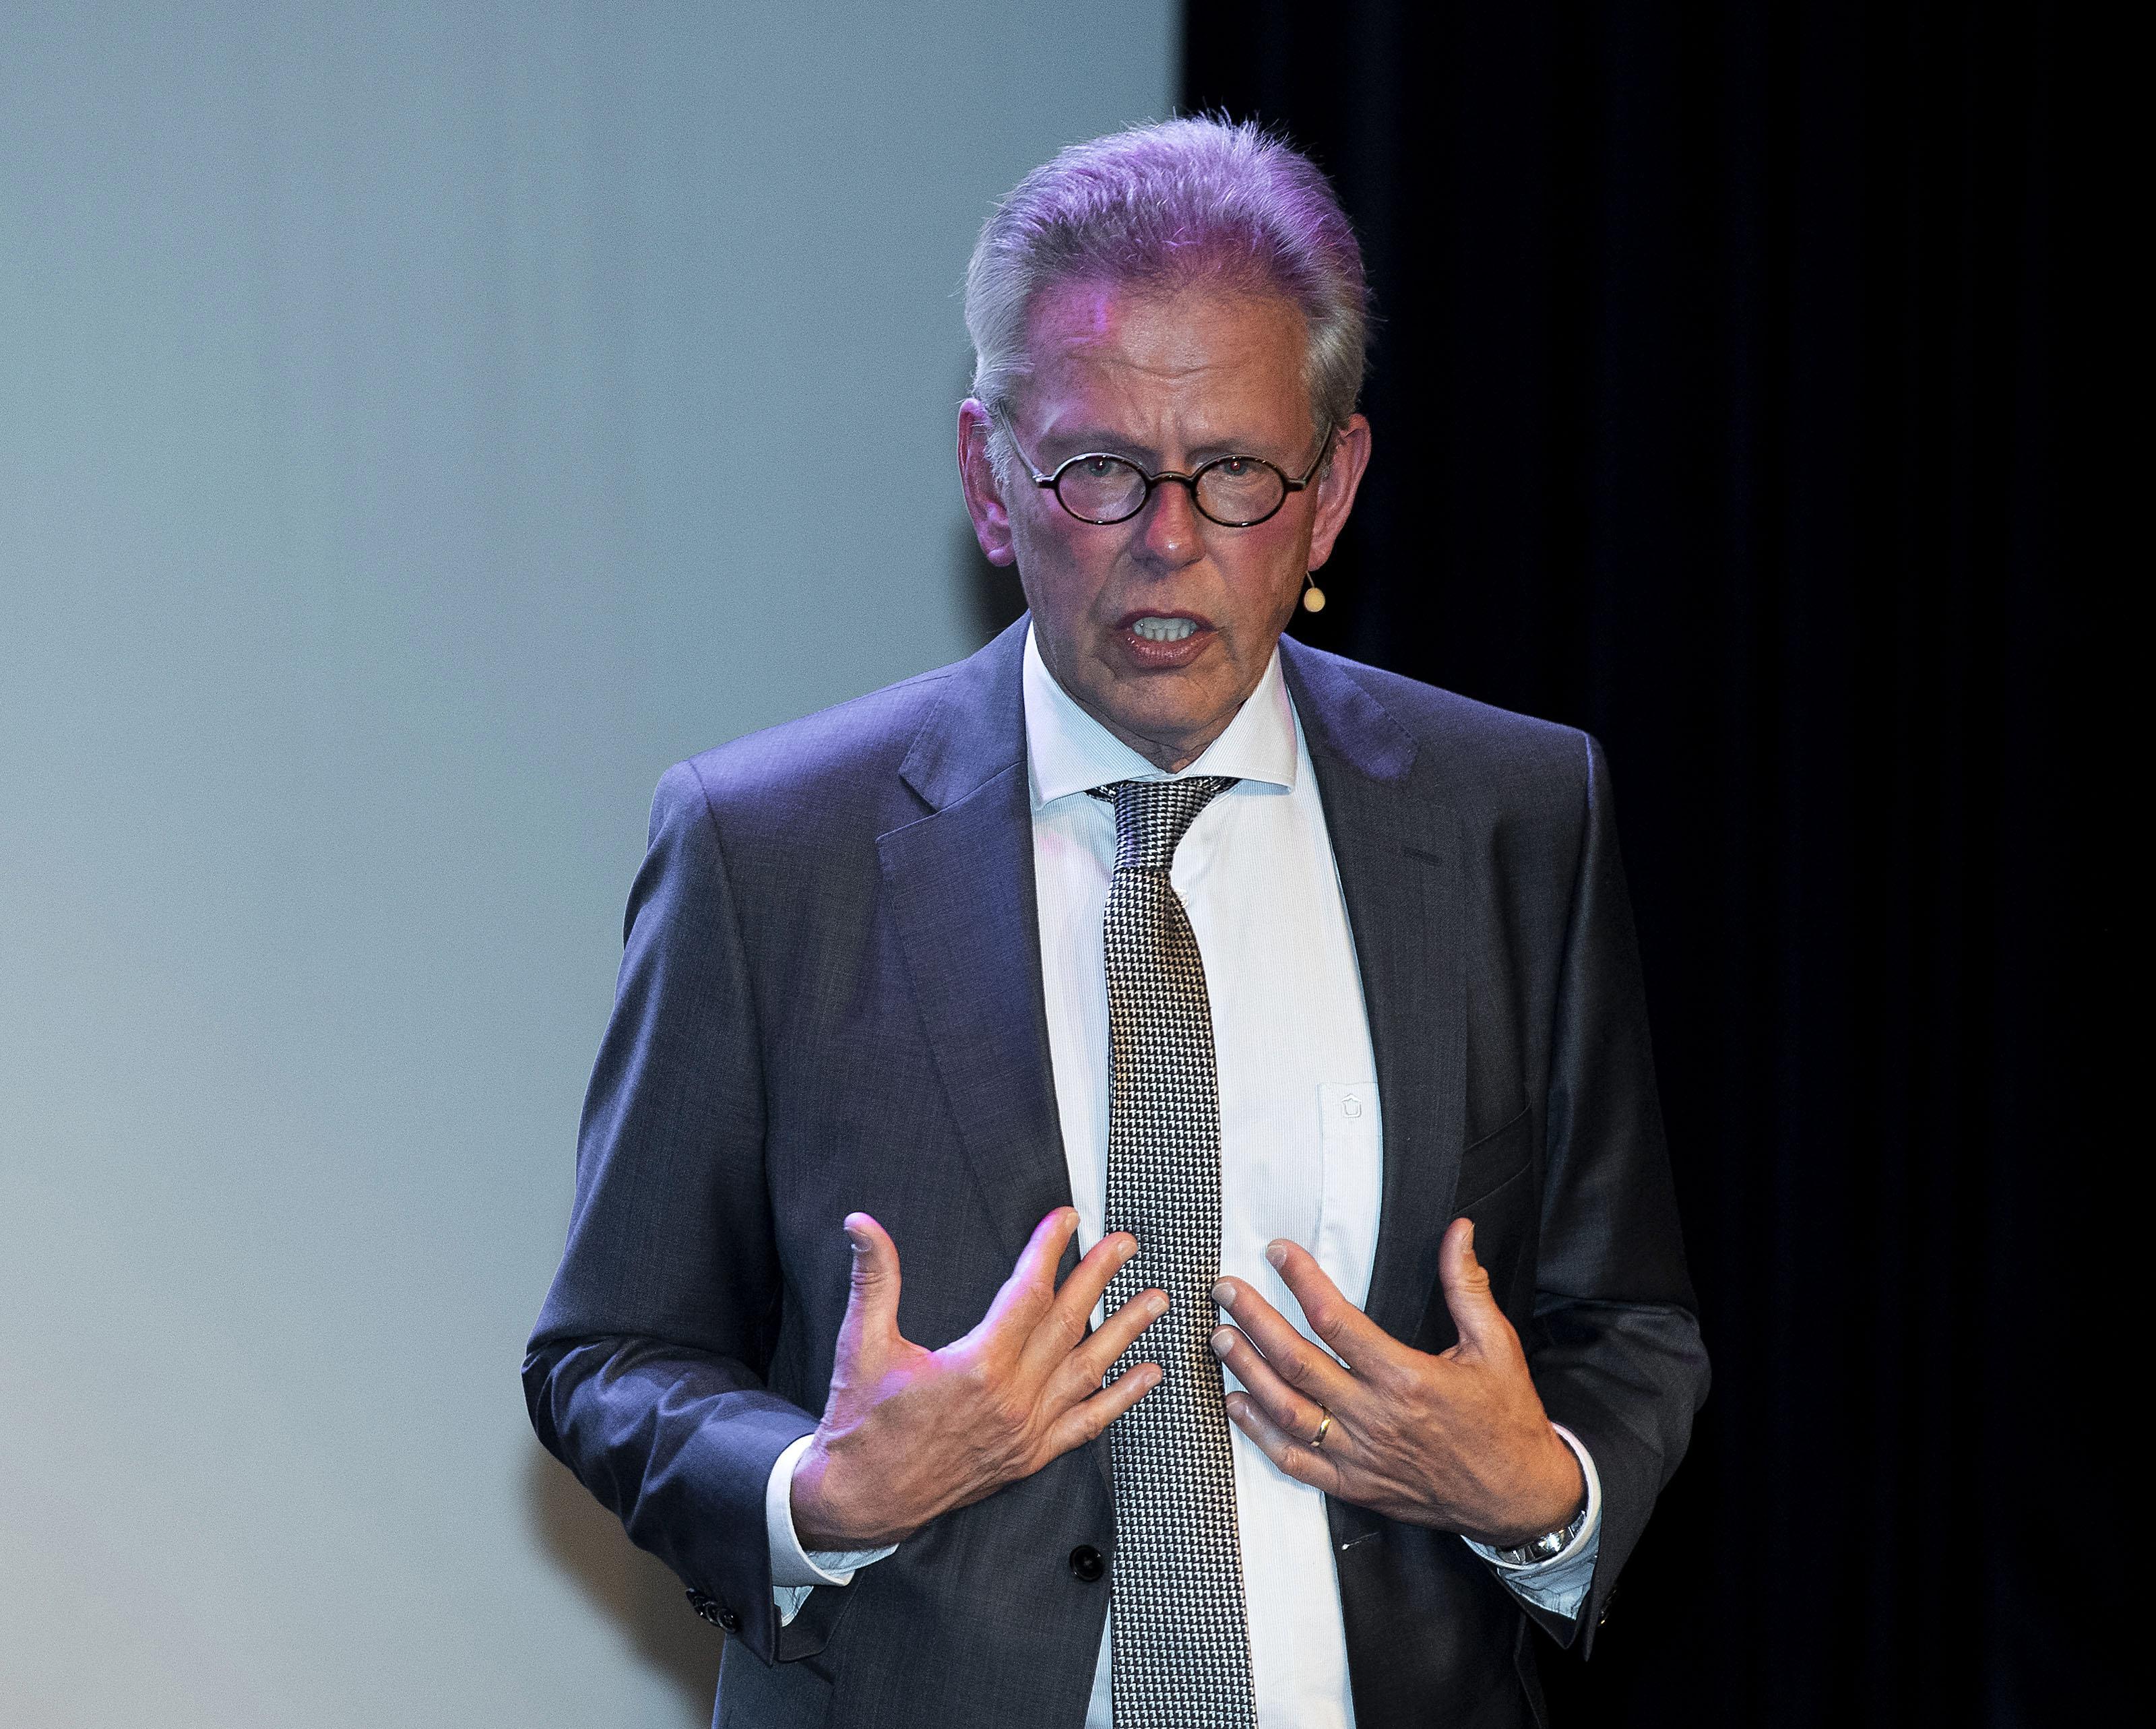 Burgemeester van Purmerend over strenger coronabeleid: 'We willen niet dat er mensen ziek worden of zelfs doodgaan'